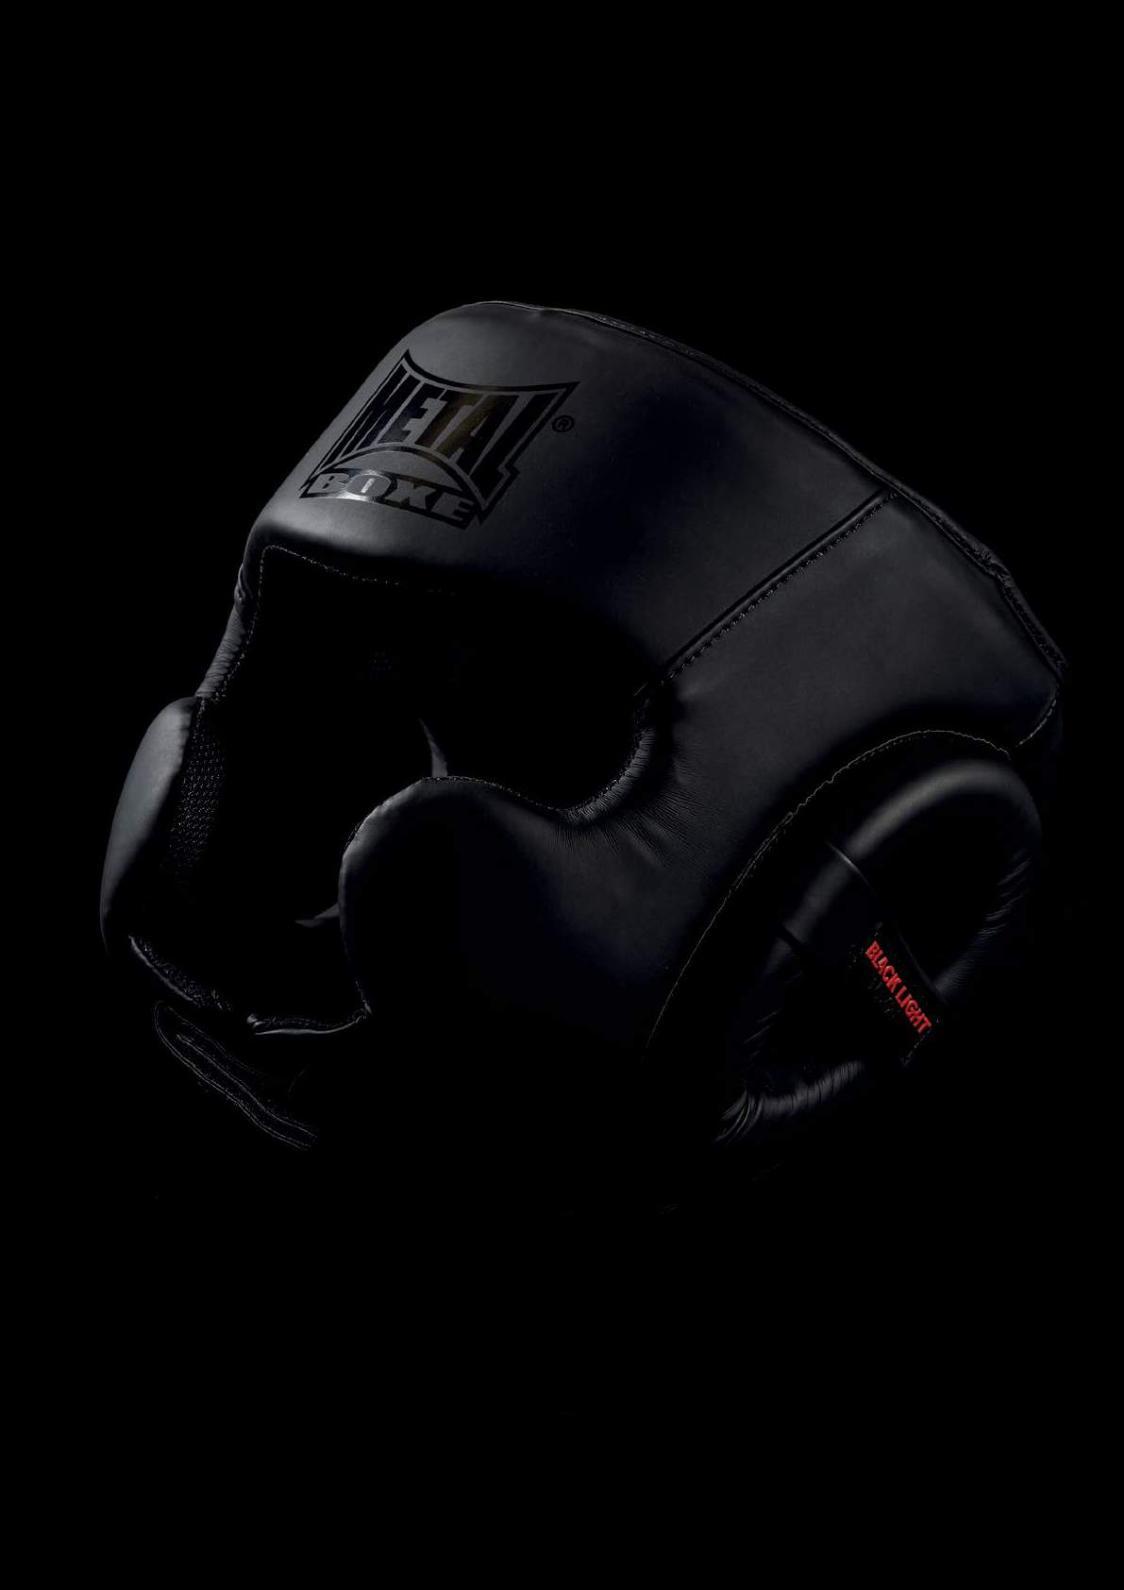 ULTRA FITNESS/® Sac de frappe Cha/îne Heavy Duty en m/étal chrom/é /à suspendre /à suspendre en acier 4/Way Cha/îne dentra/înement Arts martiaux kickboxing /équipement